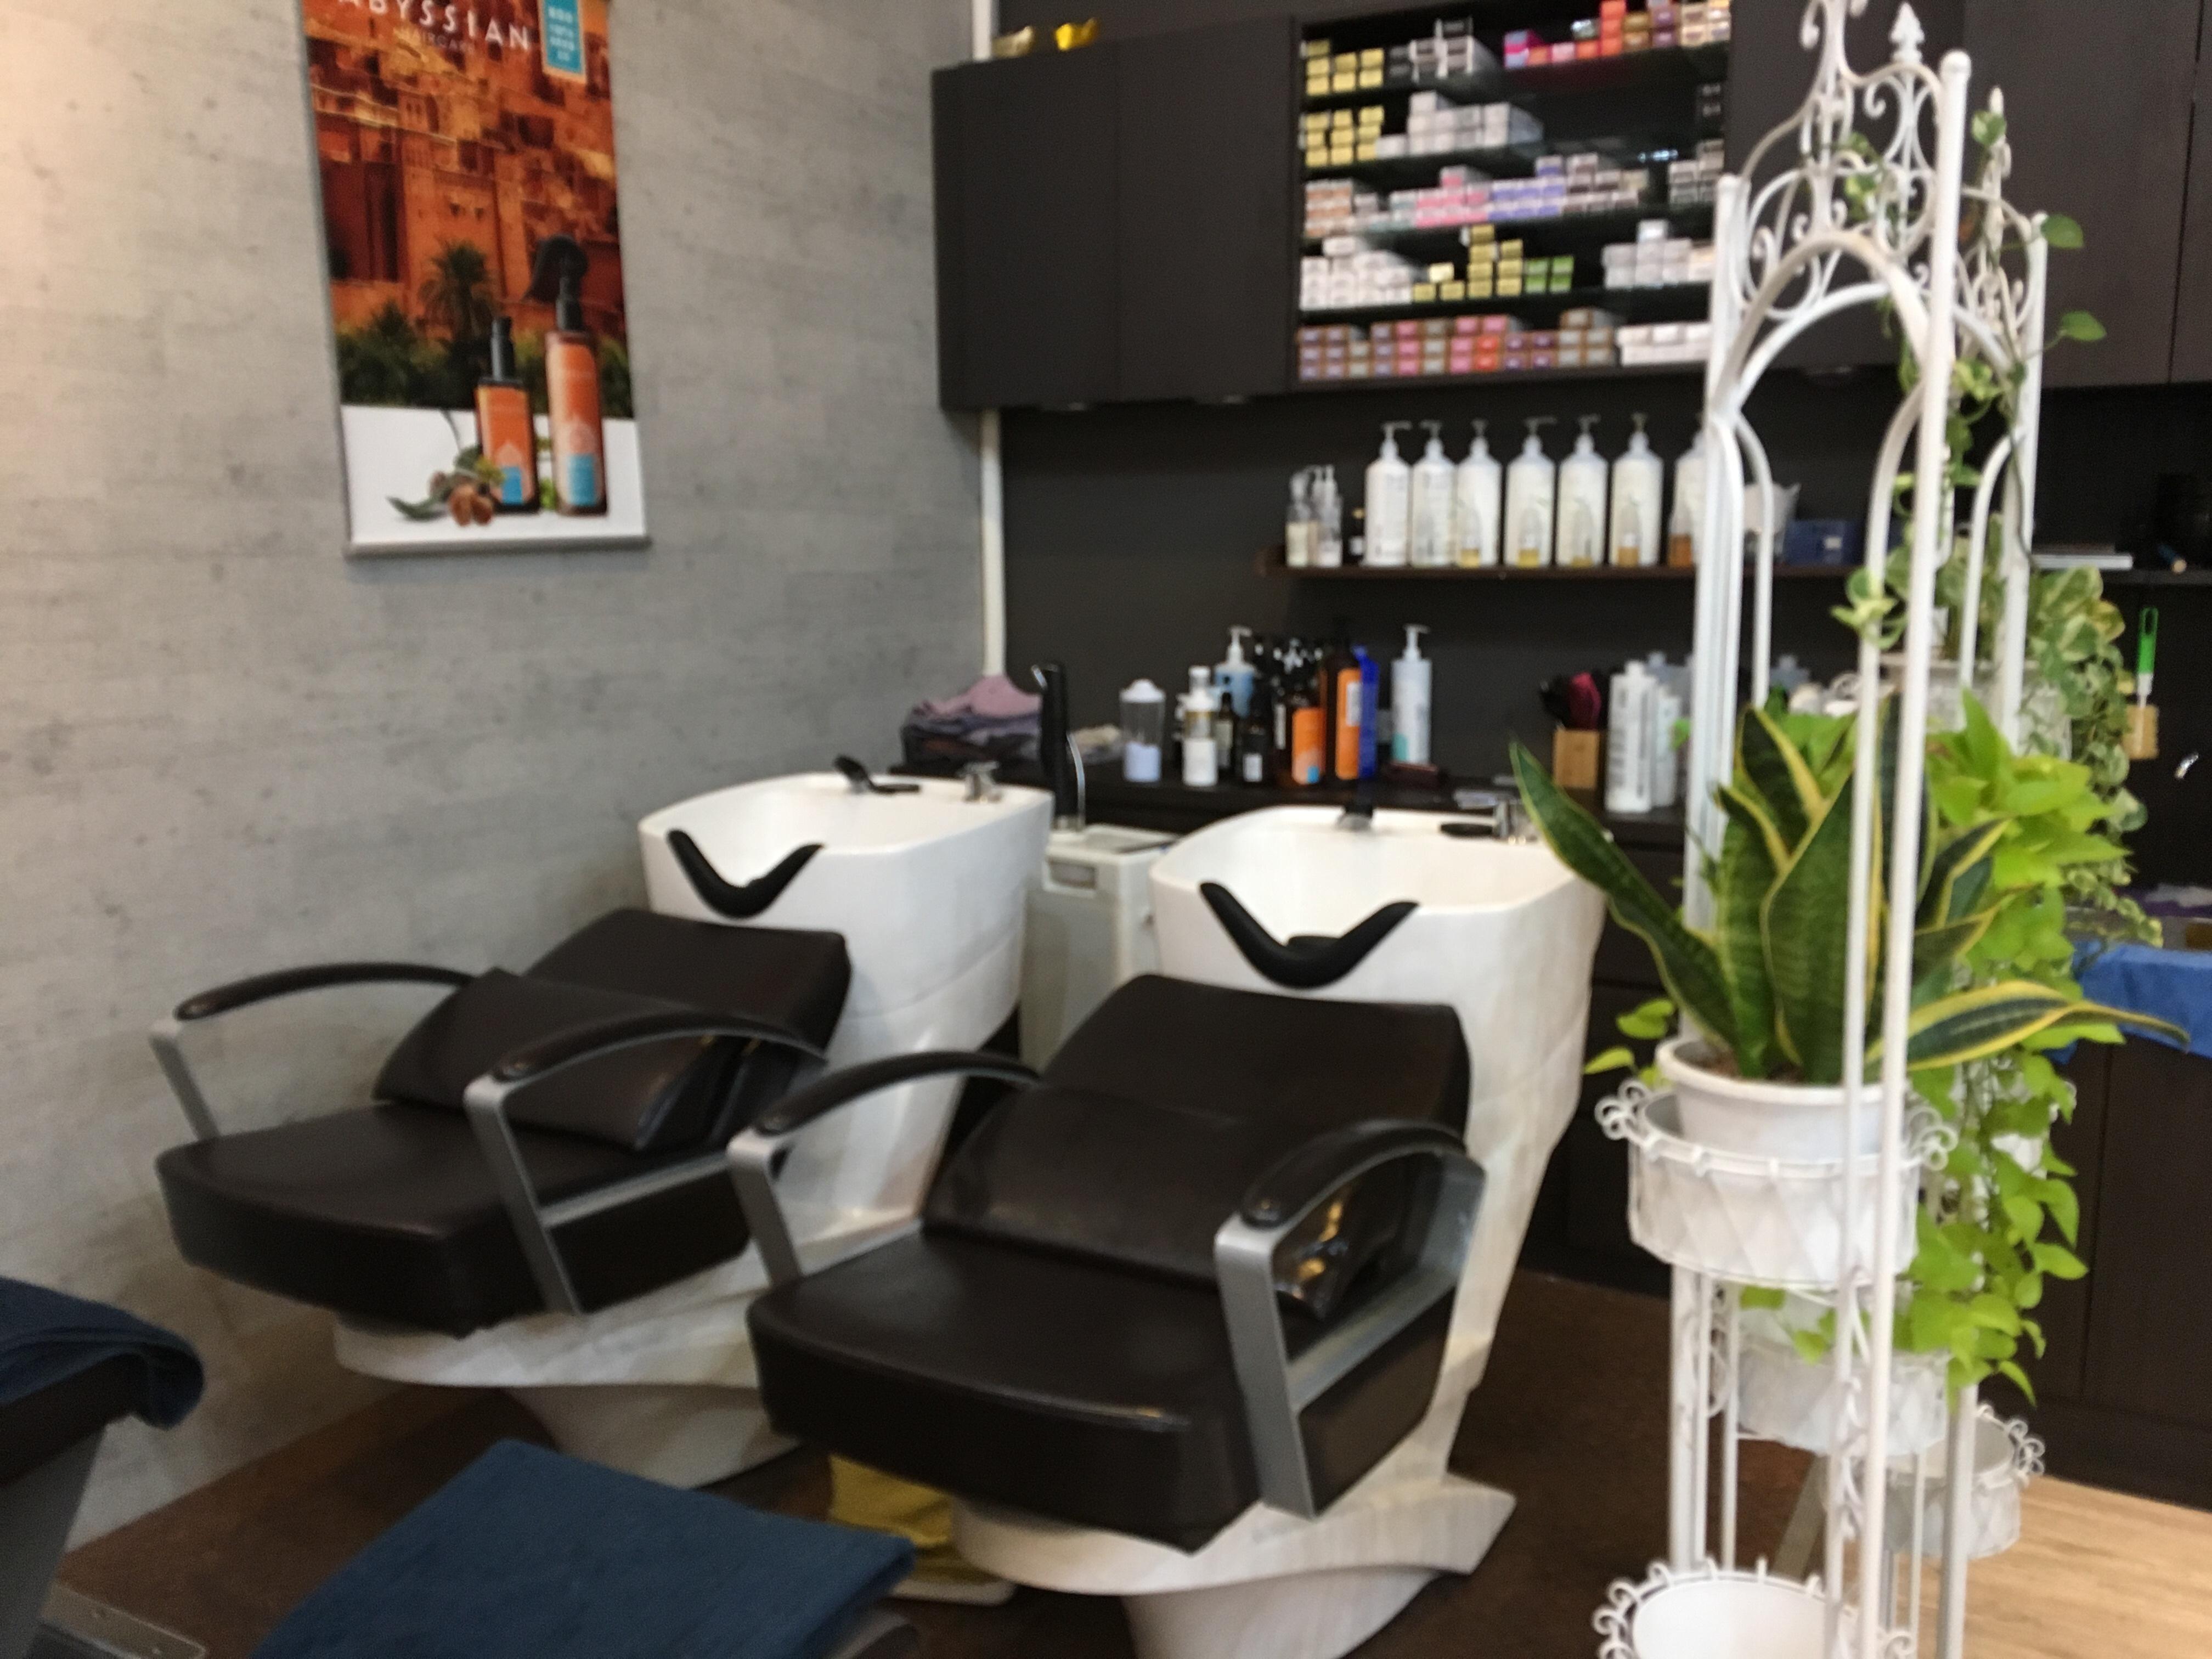 【體驗文】西屯區染燙Flora hair台中髮廊 專業剪染燙護髮髮型Salon 40